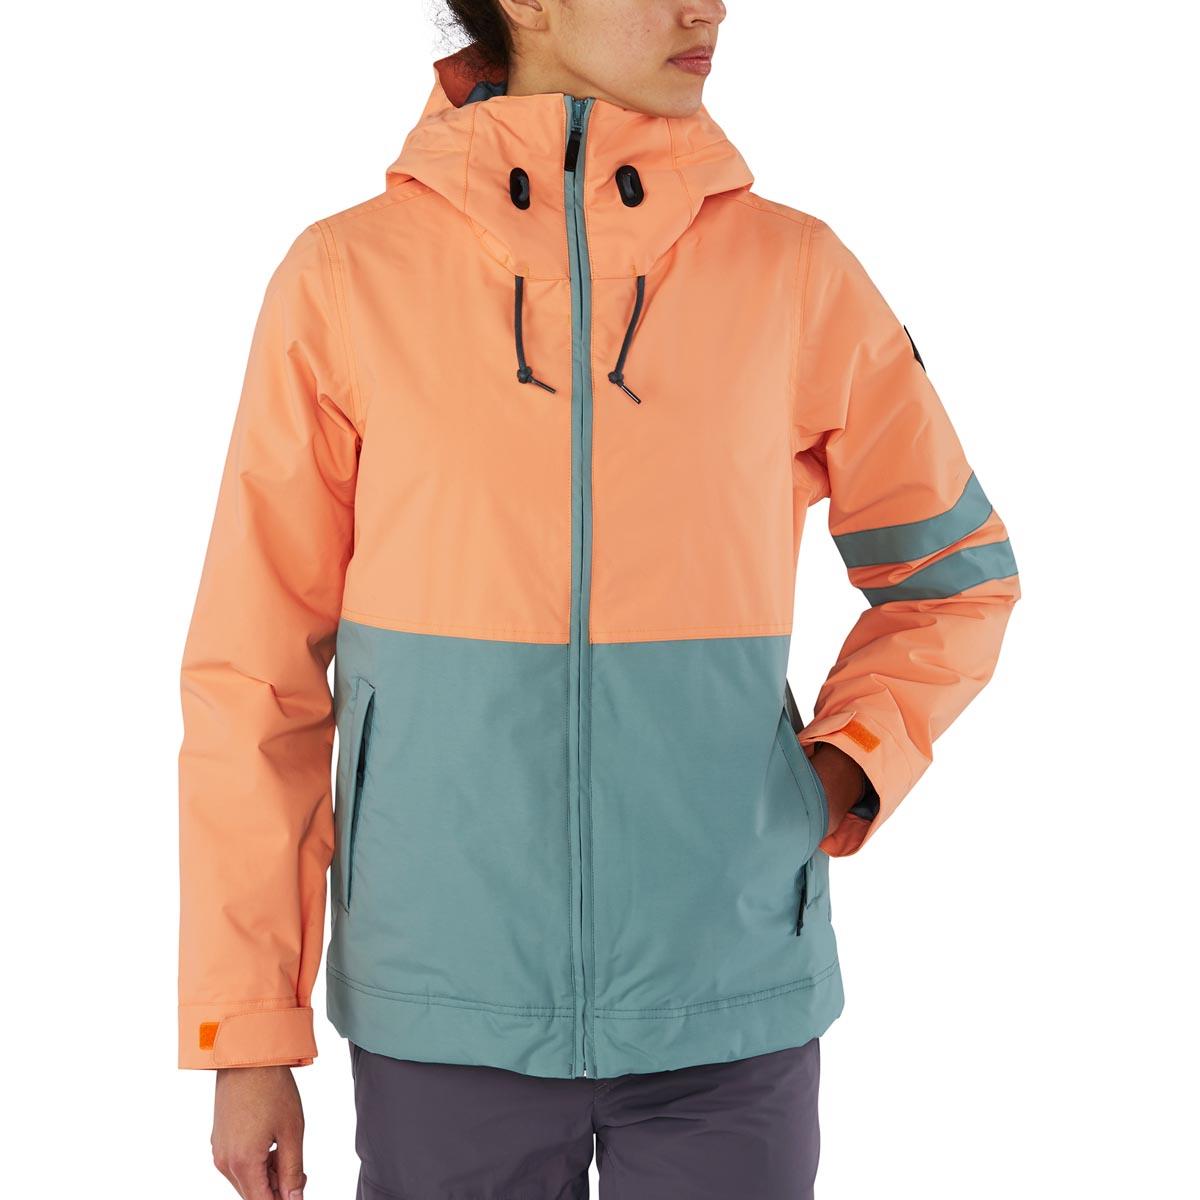 Coastal Melon Ski Juniper Jacket Jacket Snowboard Dakine wmn0N8